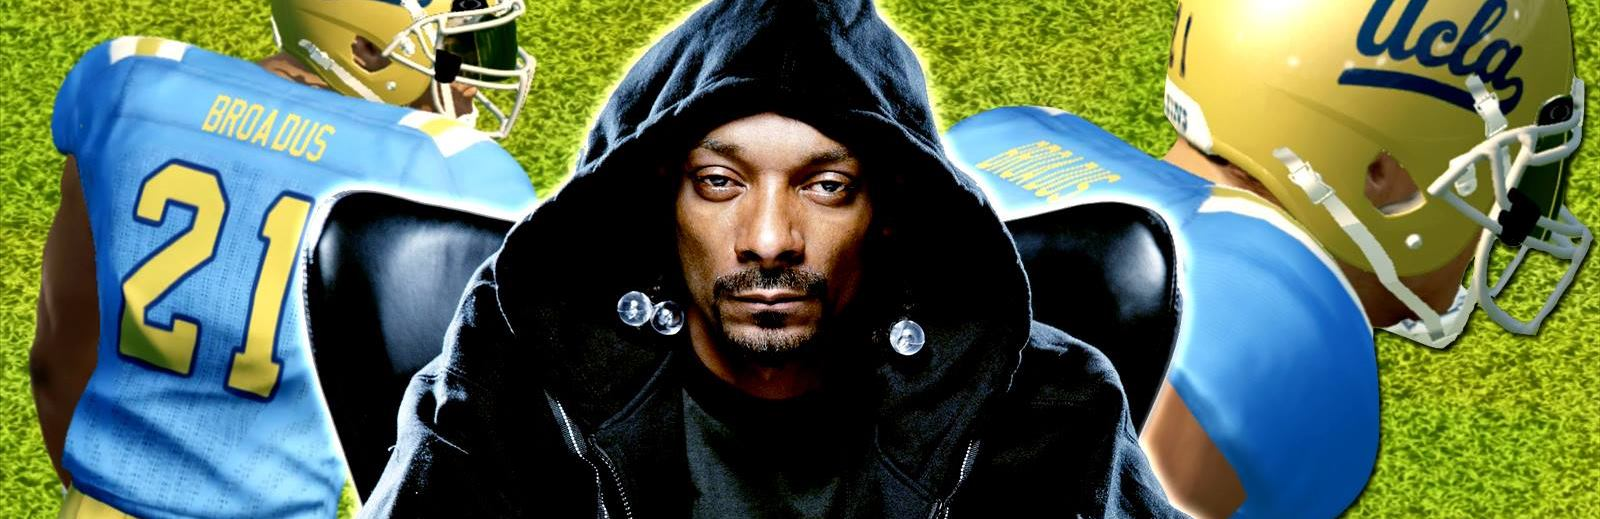 VIDEO: Snoop Dogg priveden u Švedskoj zbog sumnje da je bio 'pod utjecajem narkotika'